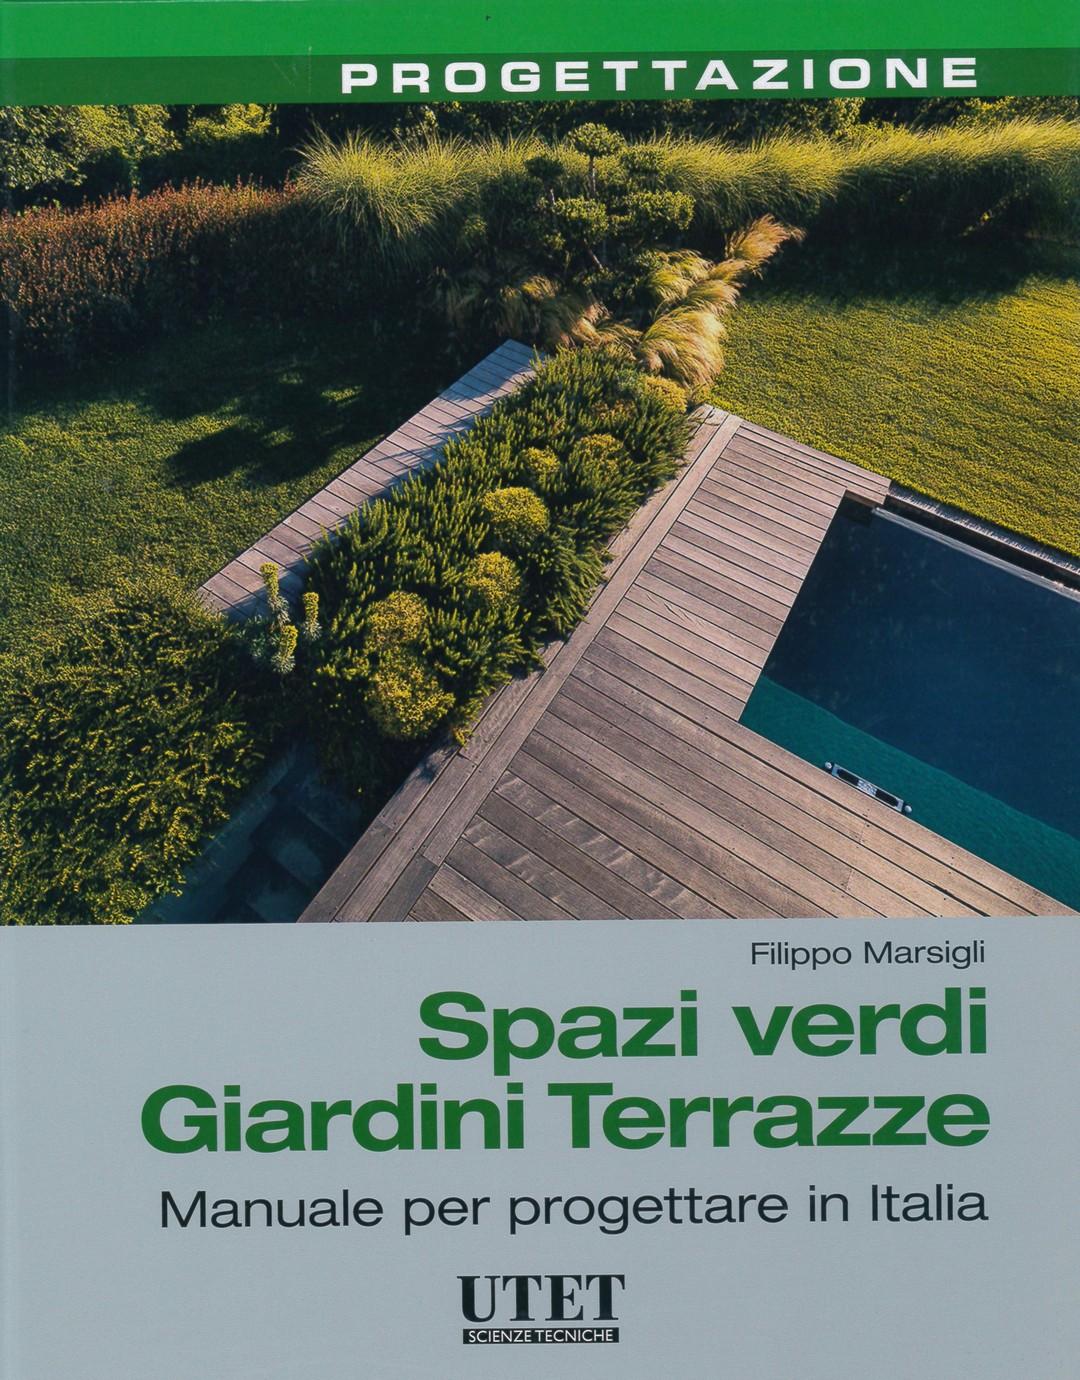 Spazi verdi giardini terrazze ag p greenscape for Progettare spazi verdi